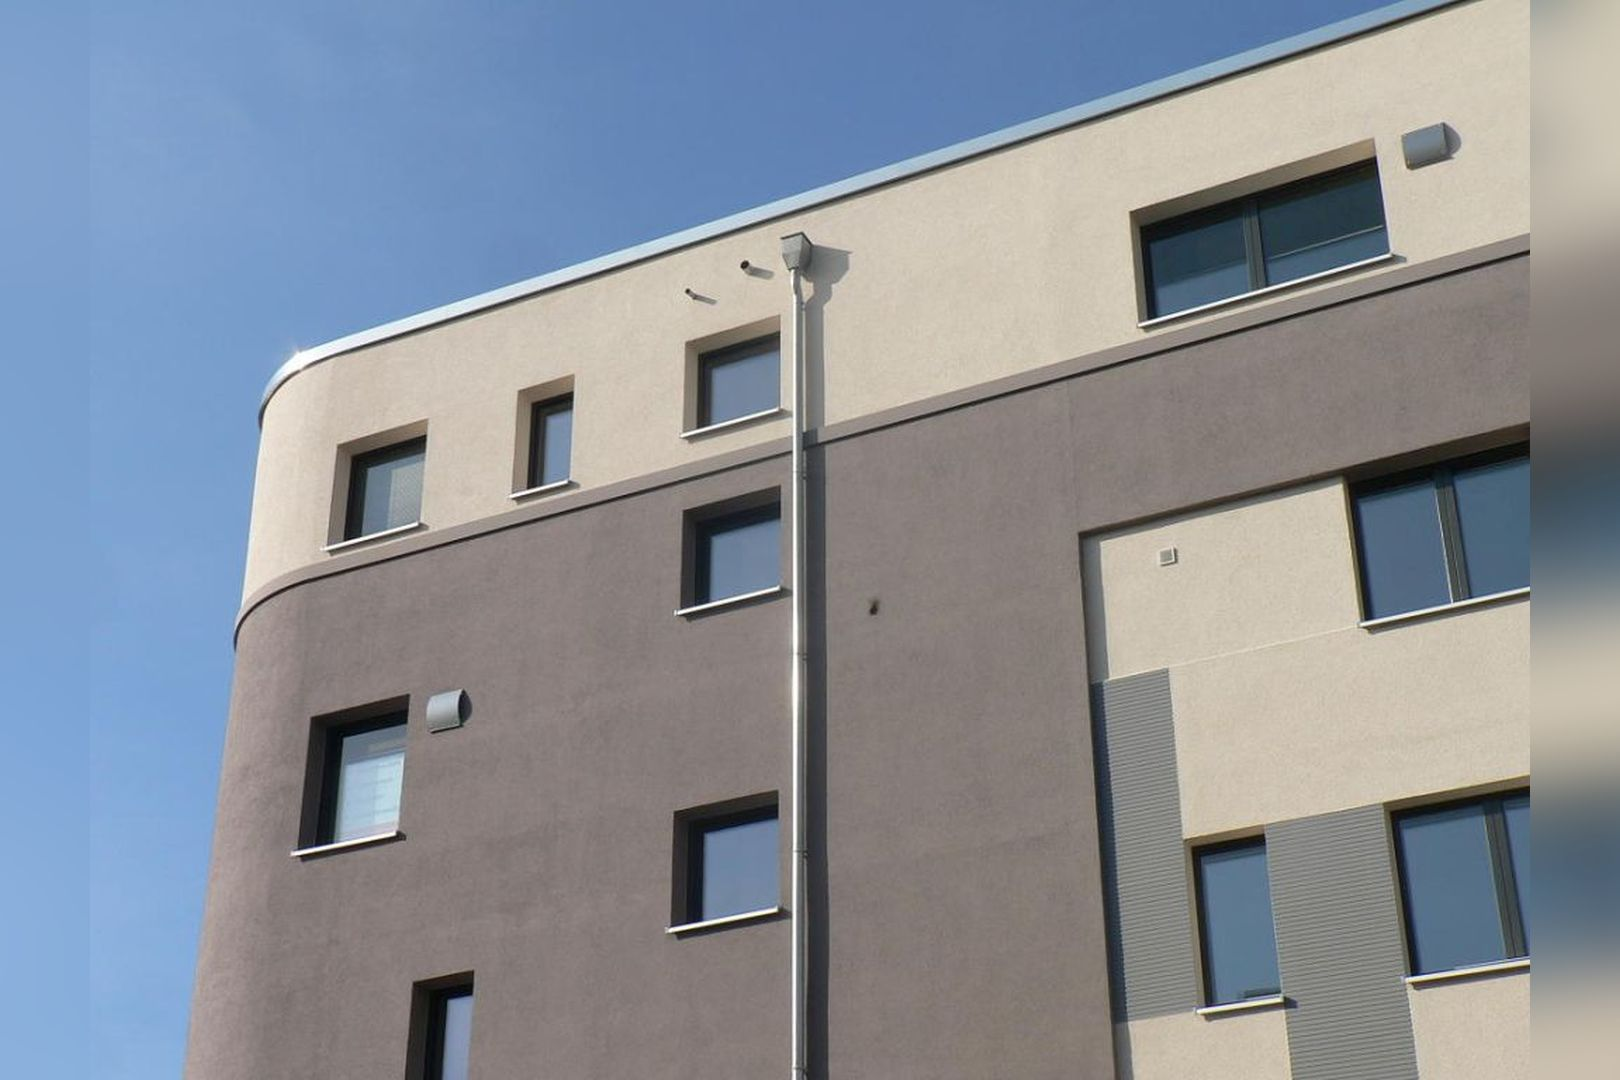 Immobilie Nr.Hilden 10 + 11 - Für Büro-Praxis-Service-Dienstleistung in absoluter Werbelage! - Bild 5.jpg